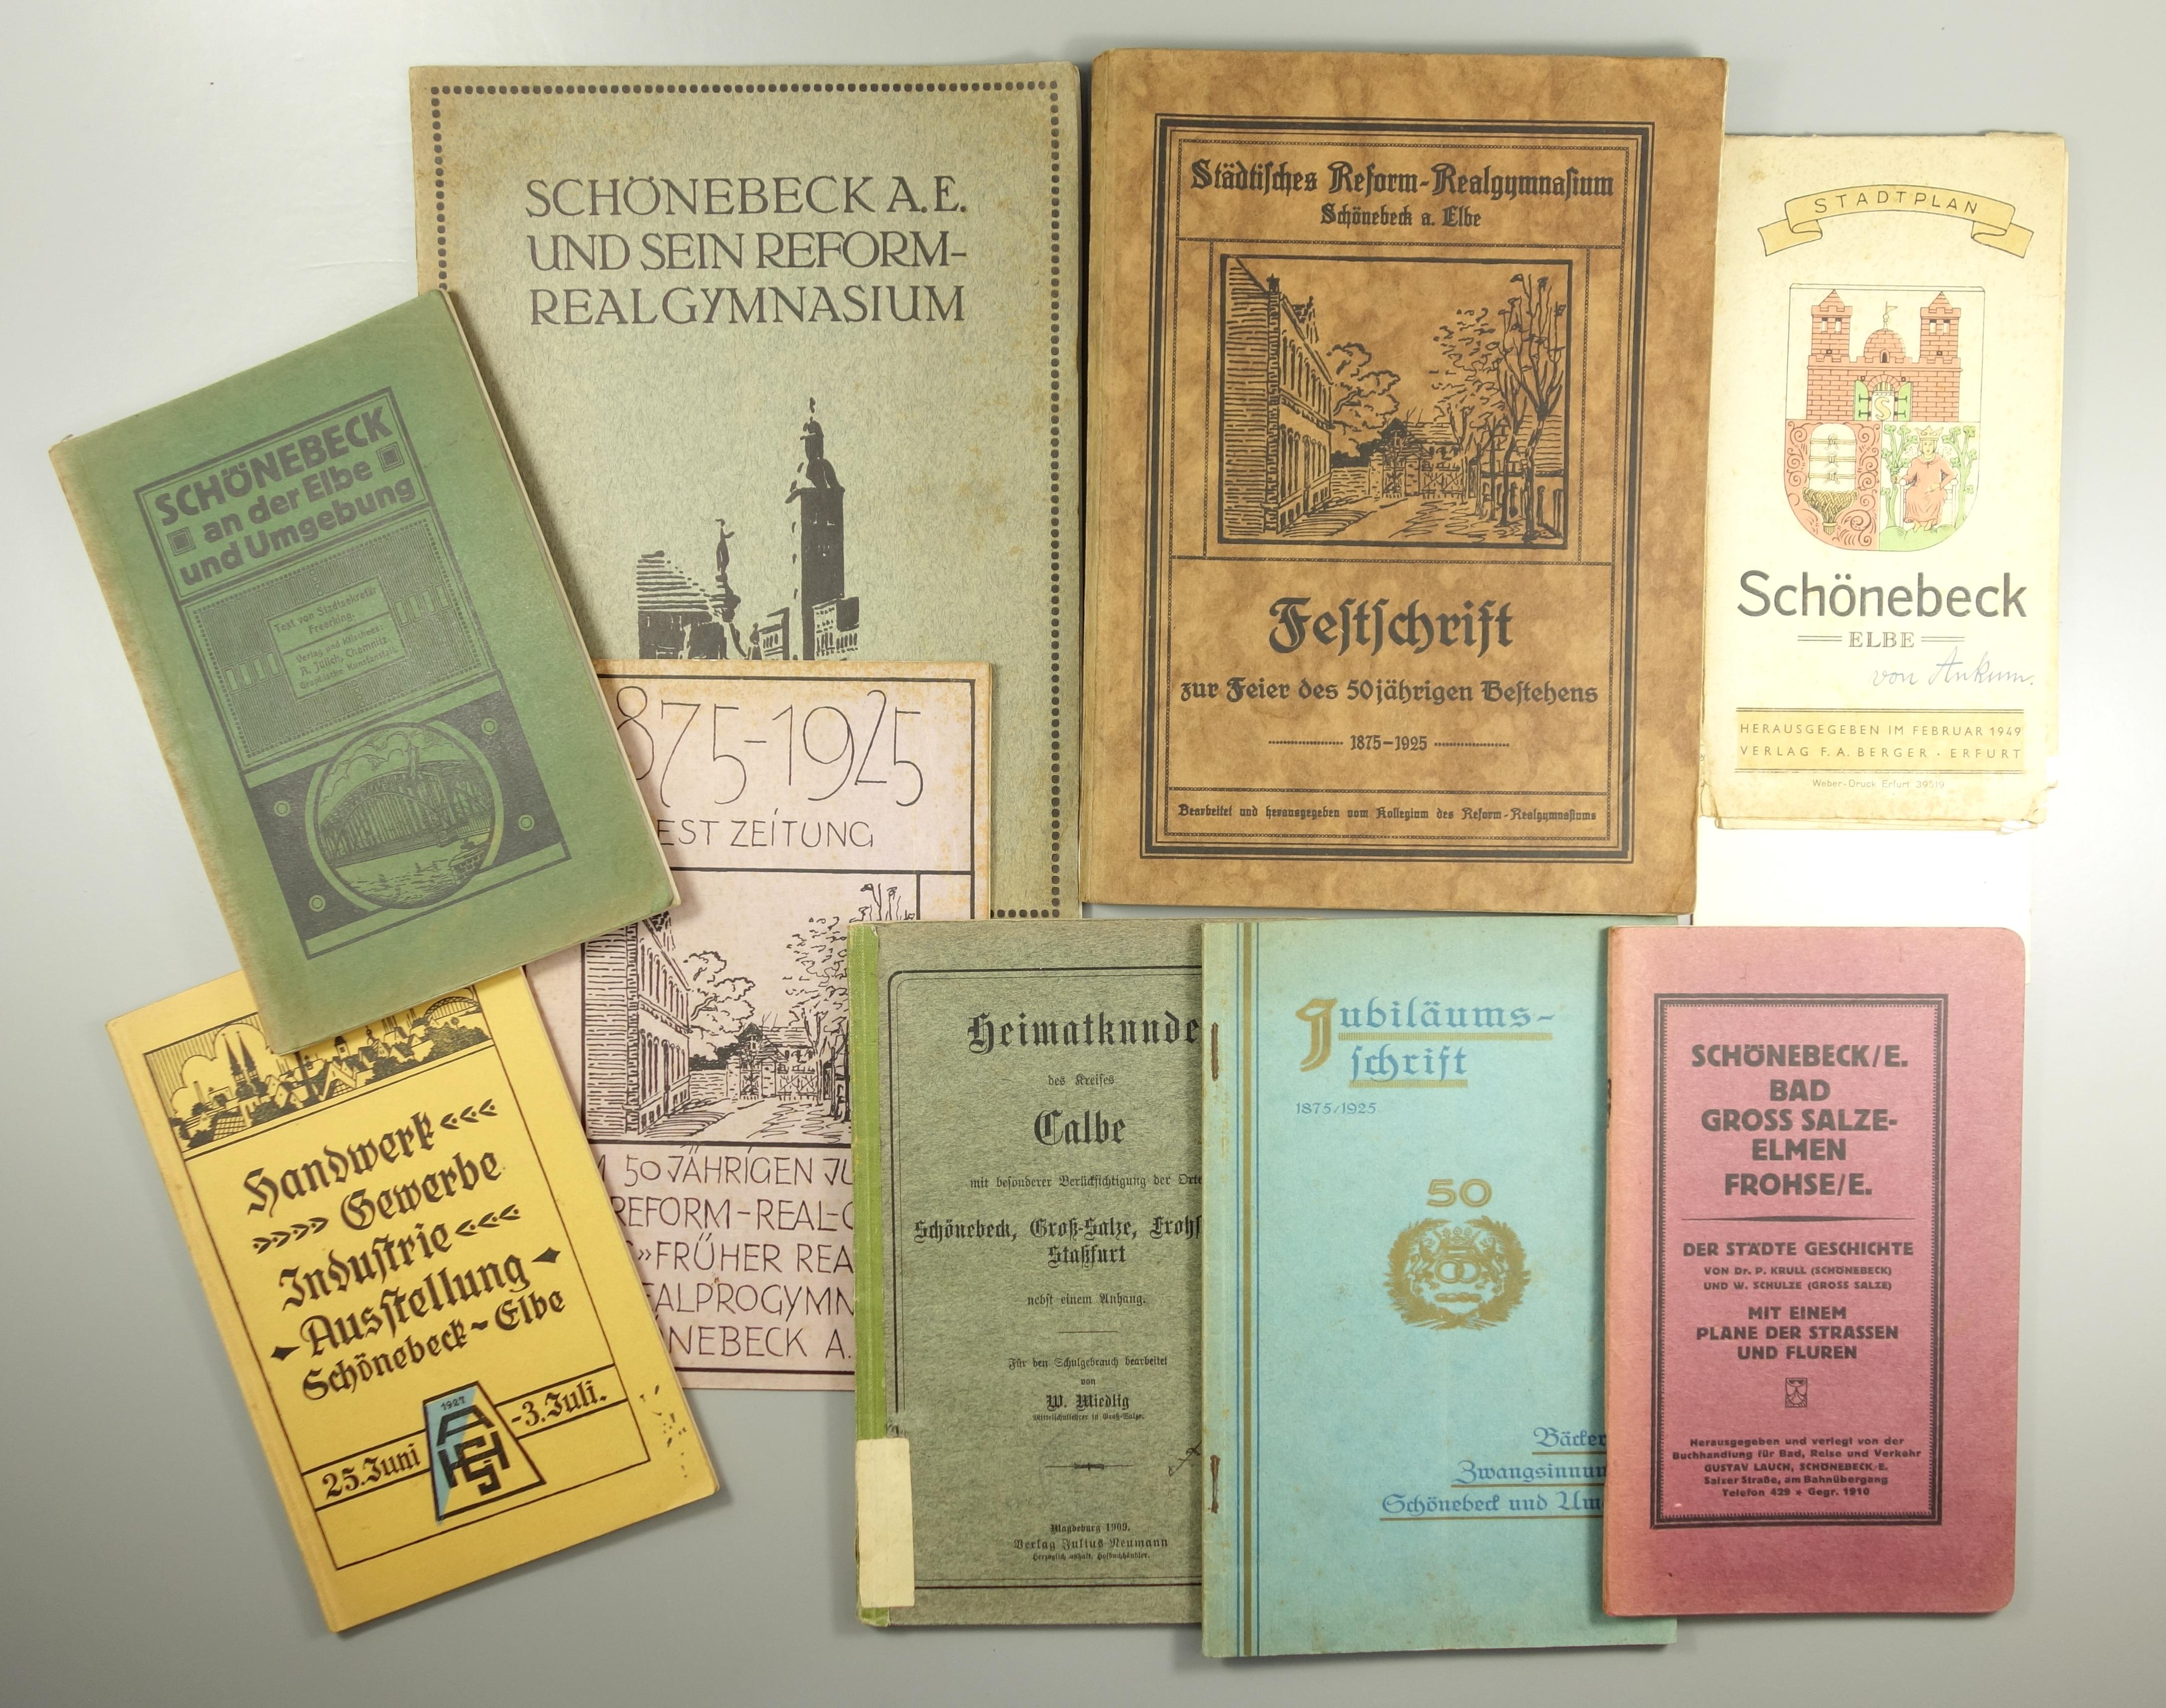 Konvolut Bücher und Broschüren über Schönebeck bei Magdeburg, um 1920/1940, u.a. 3* Reform-